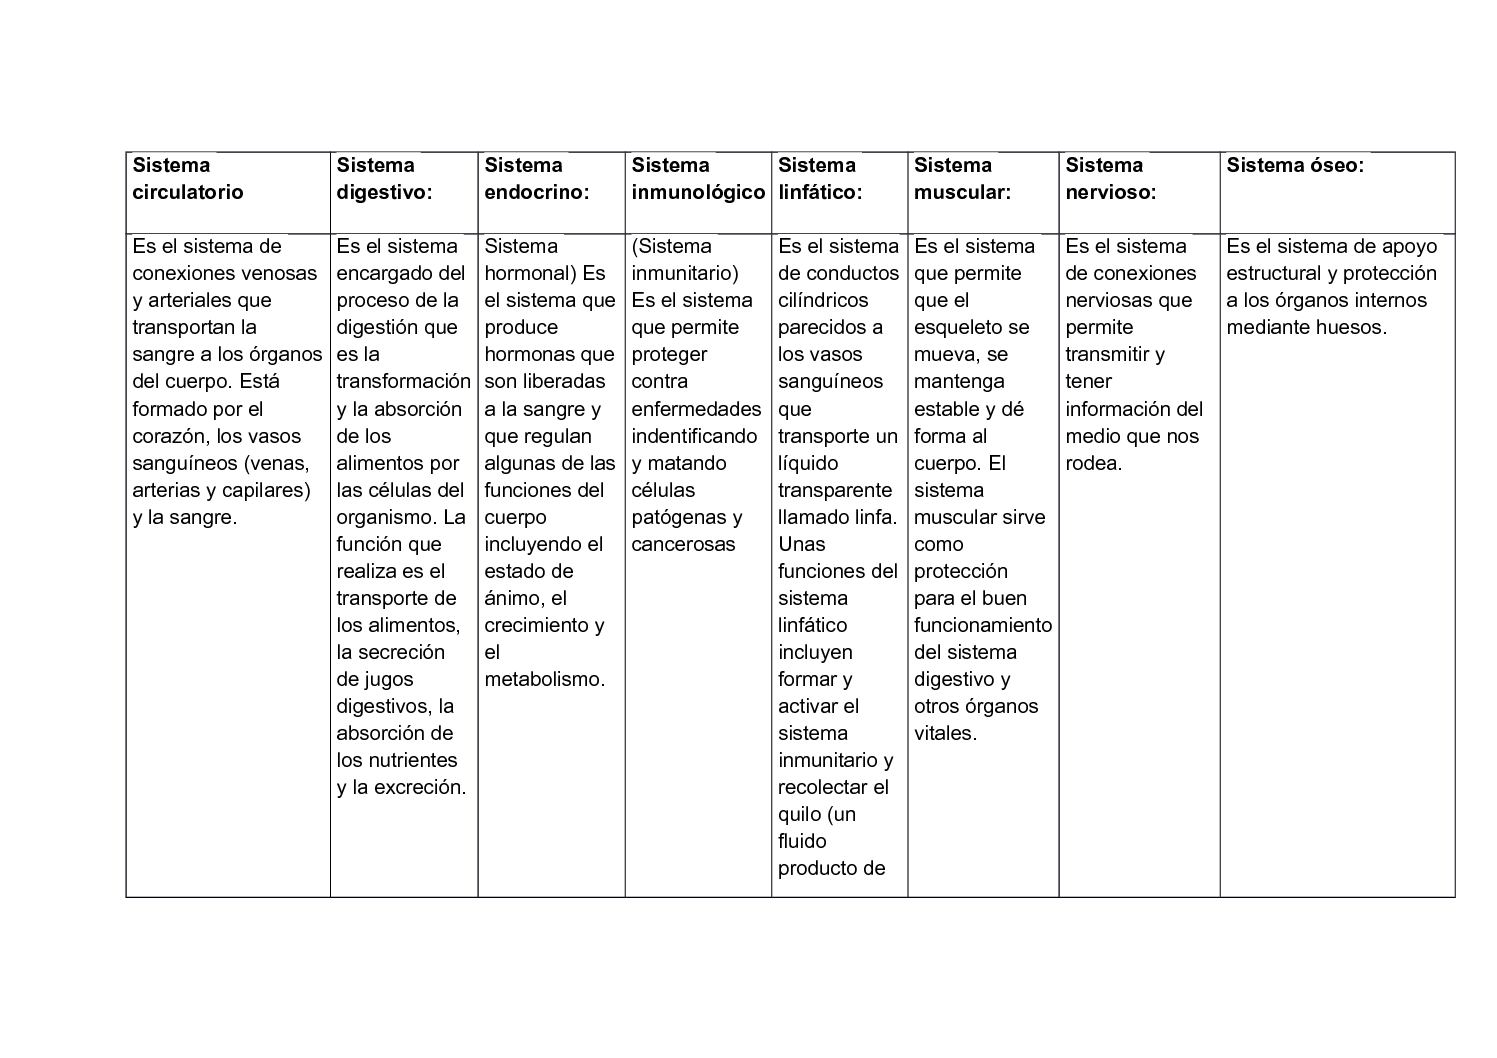 Calaméo - Sistemas Del Cuerpo Humano